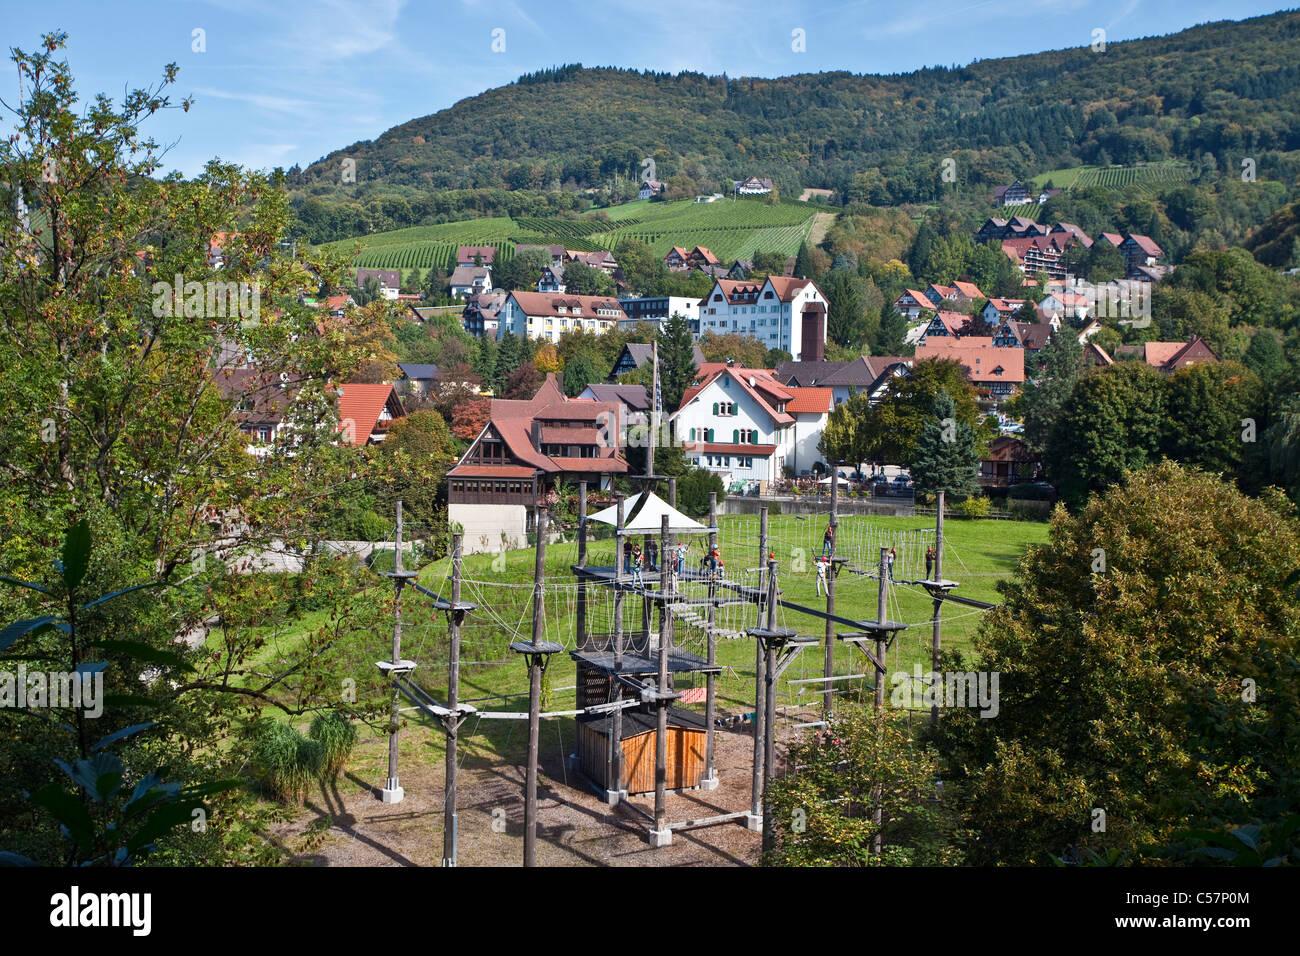 Hochseilpark Alde Gott, Sasbachwalden, filo alto park, parco avventura arrampicata nel parco, Immagini Stock